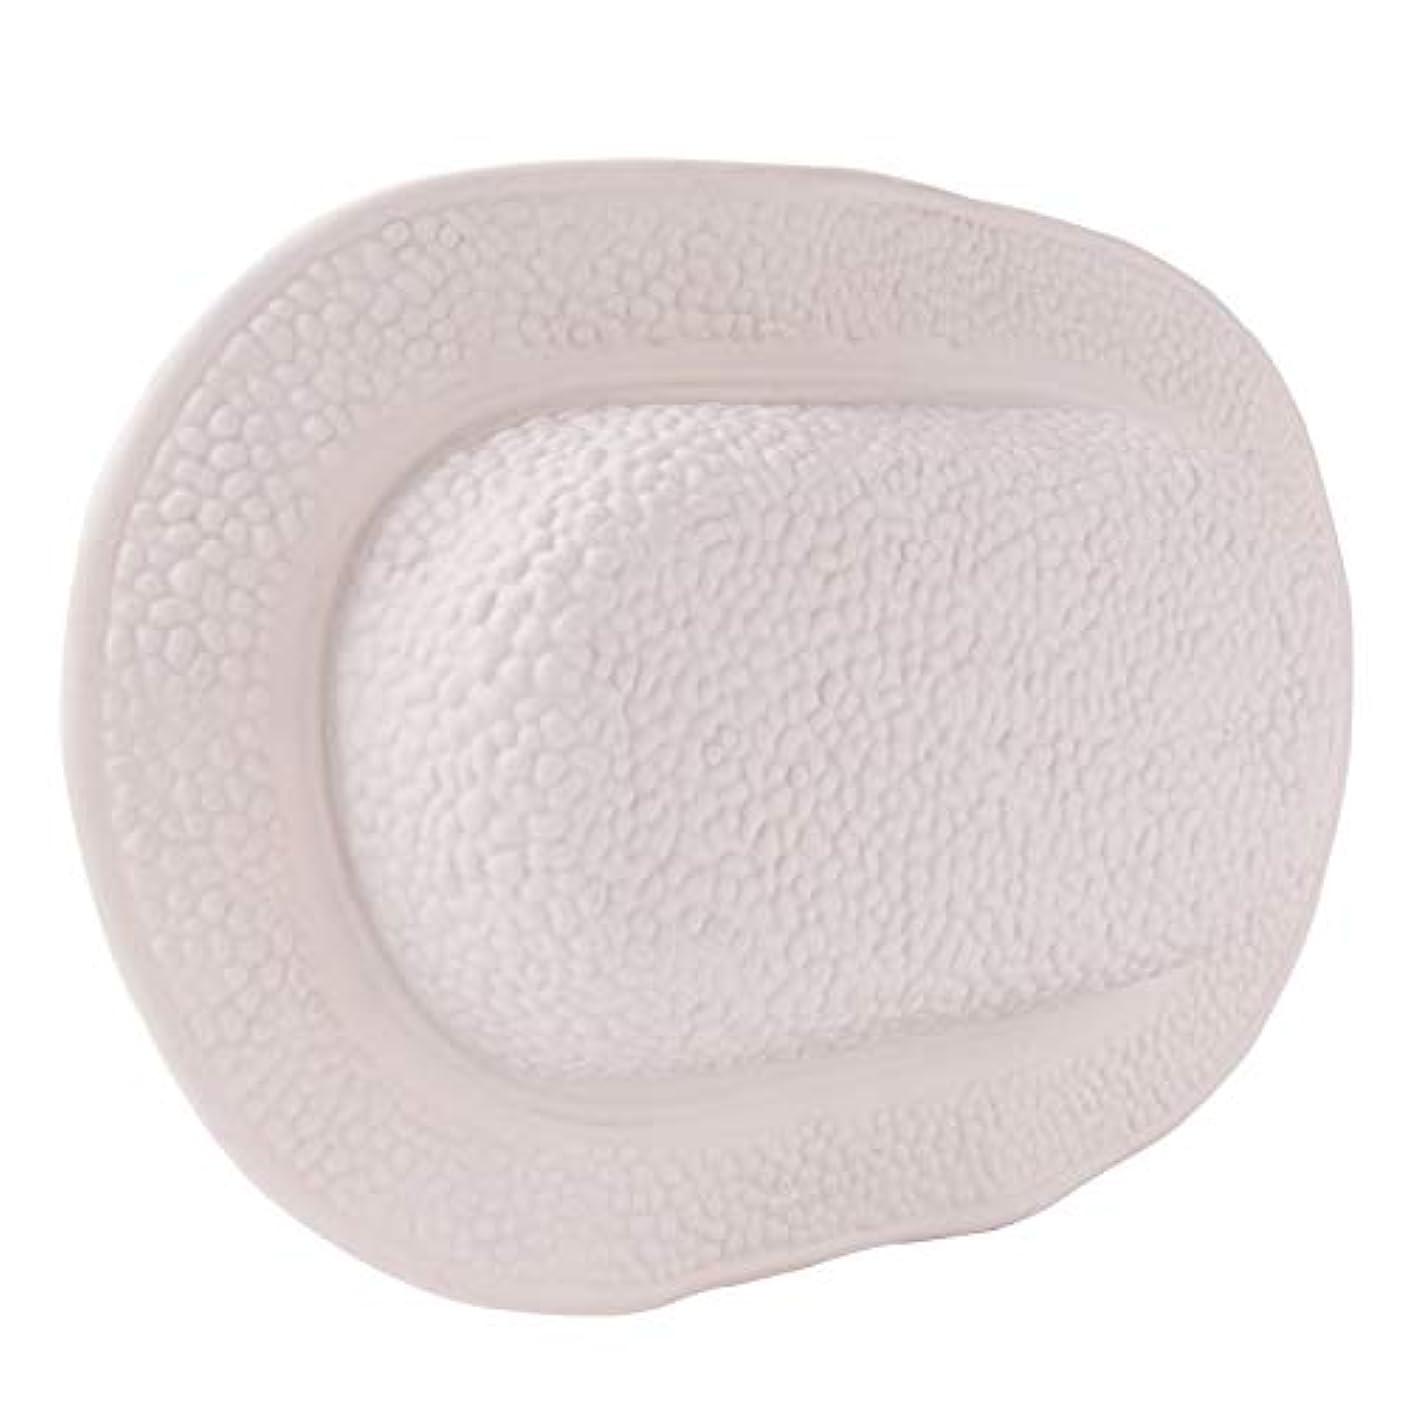 地下水っぽい在庫TPE風呂枕サクションカップ防水ヘッドレスト人間工学に基づいたホームスパネックバックサポート浴室アクセサリー,White